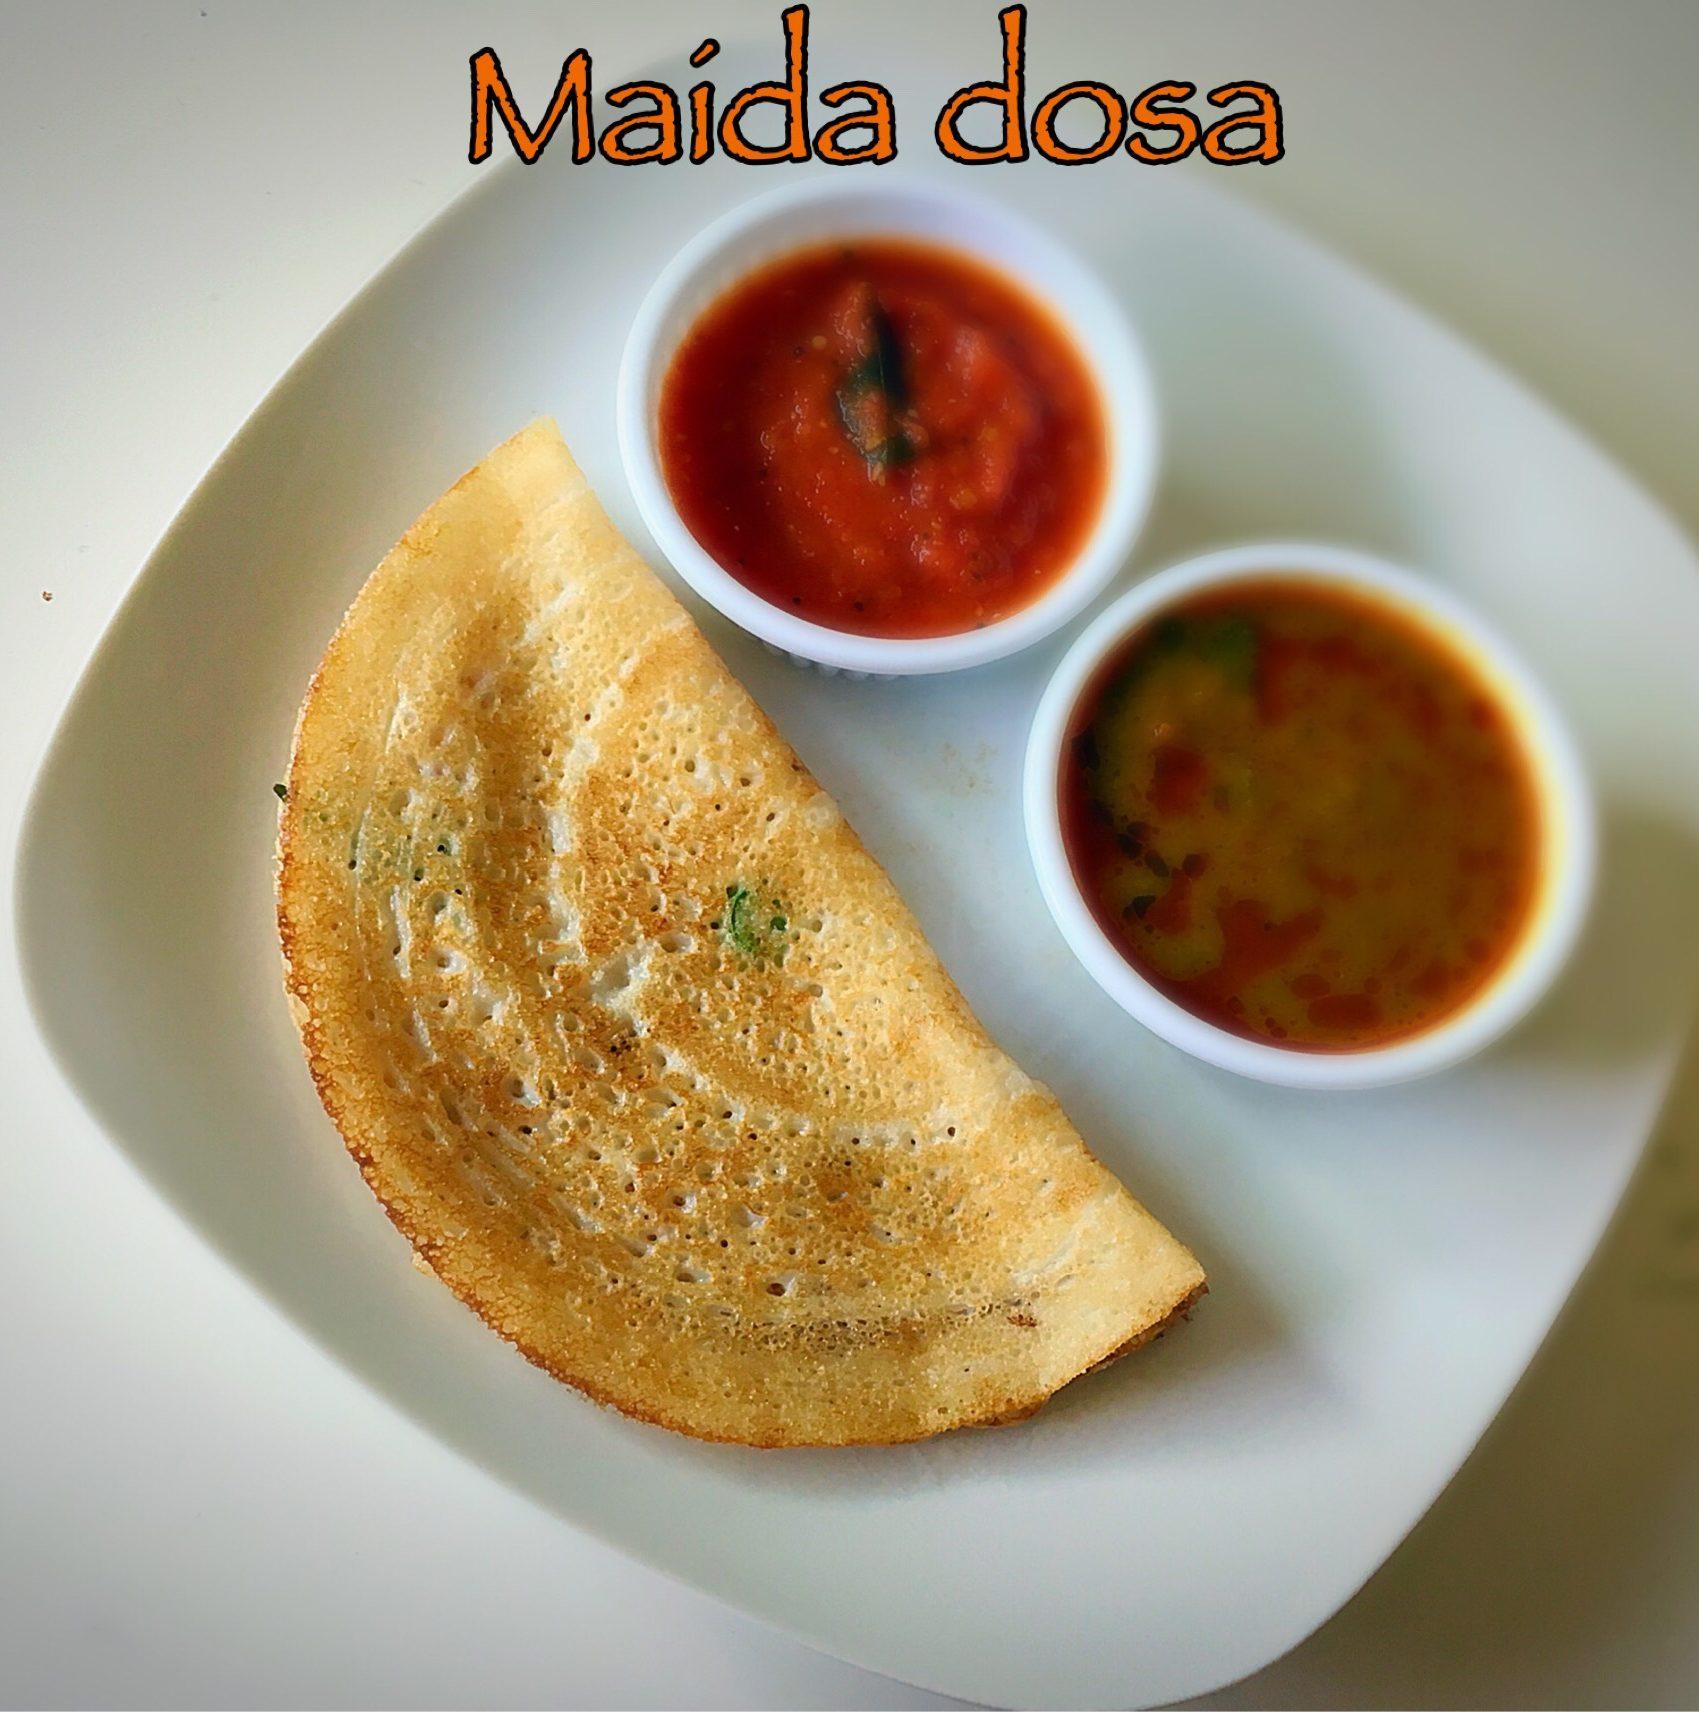 maida flour dosa,maida flour dosai,instant dosa,instant dosai,instant flour dosa,instant flour dosai,dosai,dosa,maida dosa,maida dosai,chutney, onion chutney, tomato chutney, onion tomato chutney,side dish for dosa,side dish for idly,thakkali thokku,tomato thokku